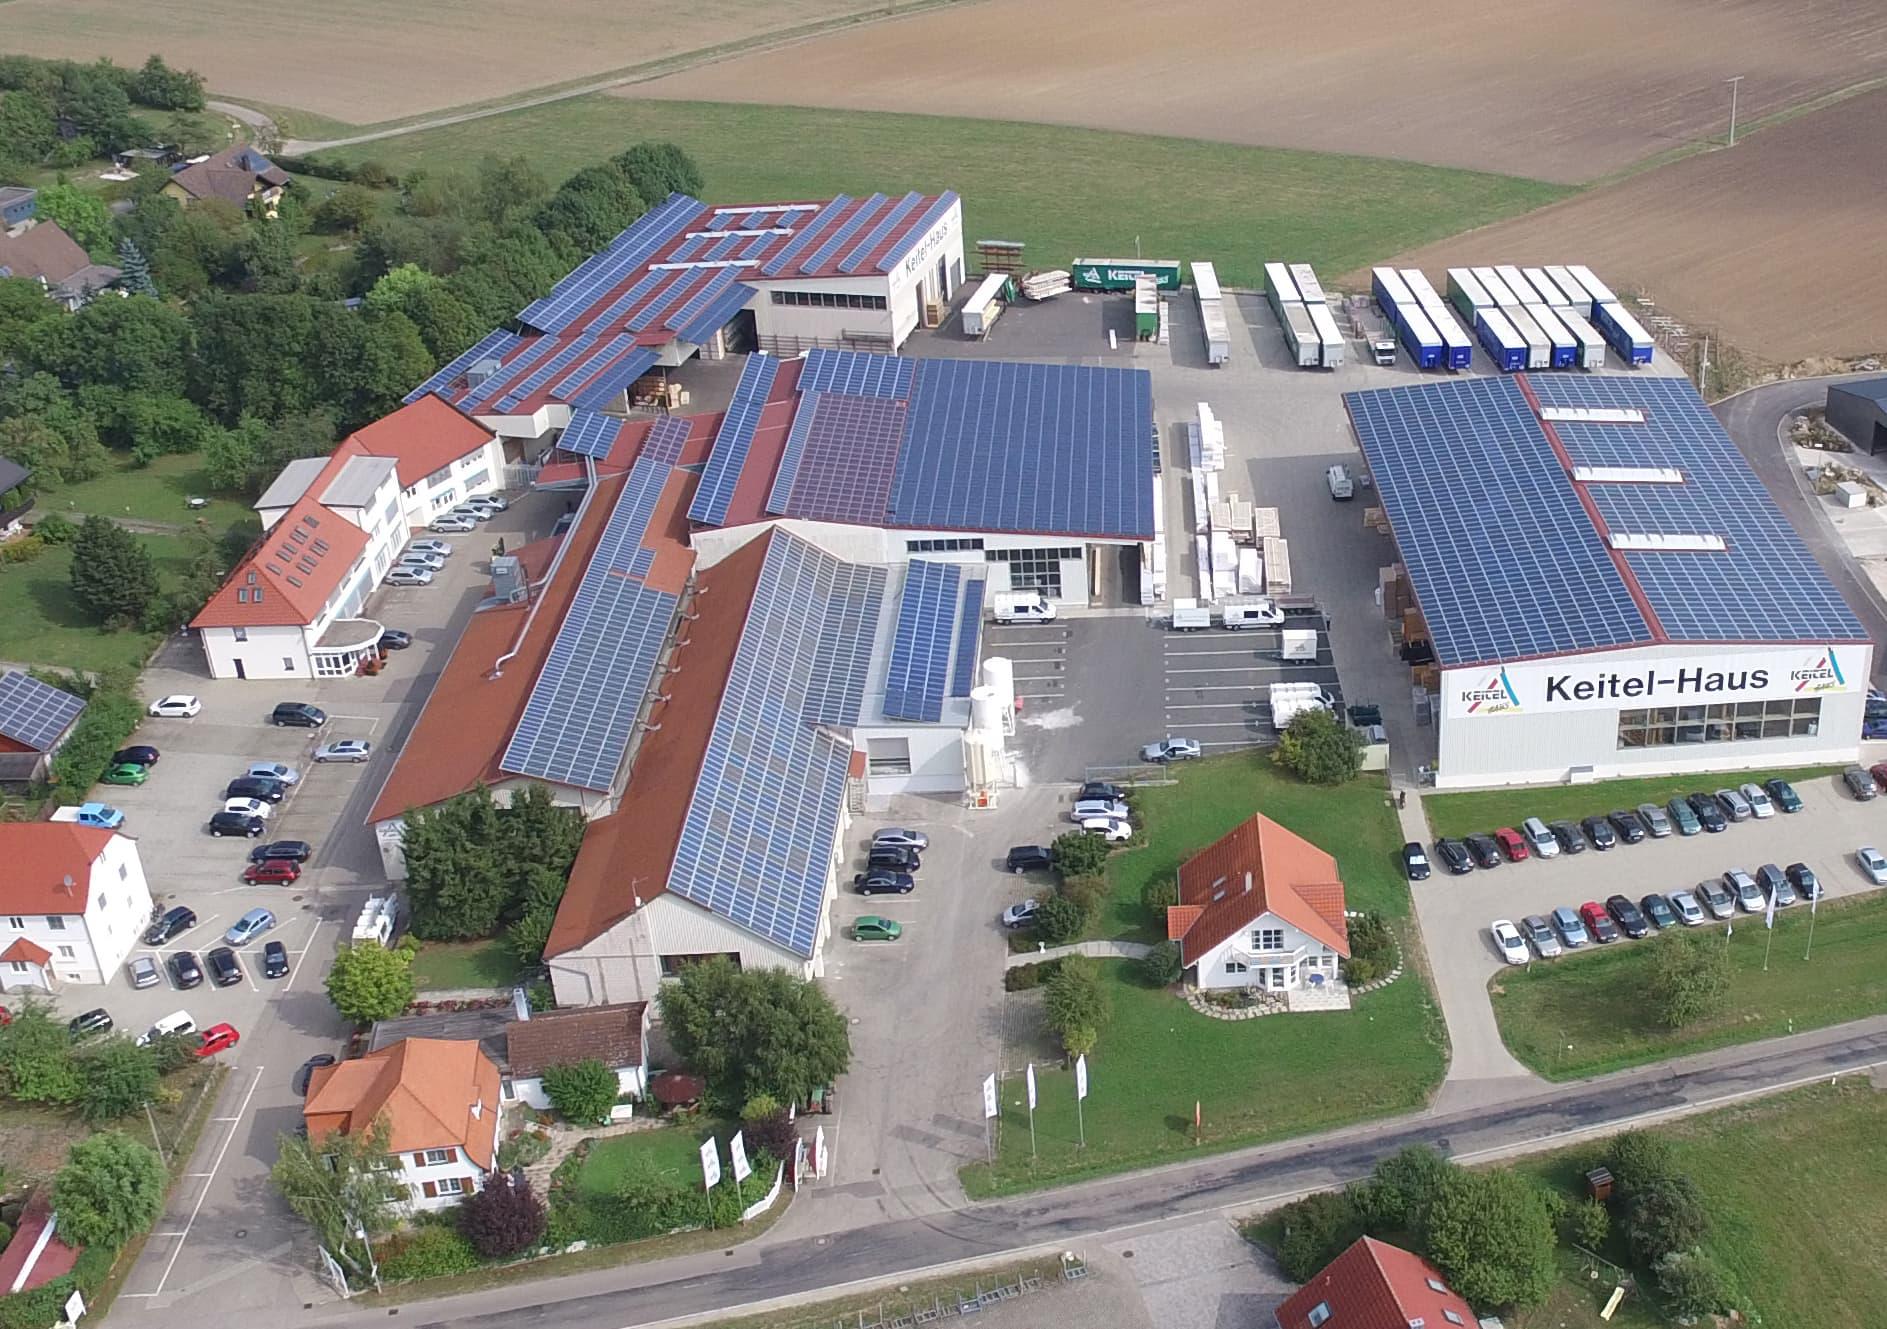 Keitel-Haus Firmengelände in Rot am See - Brettheim